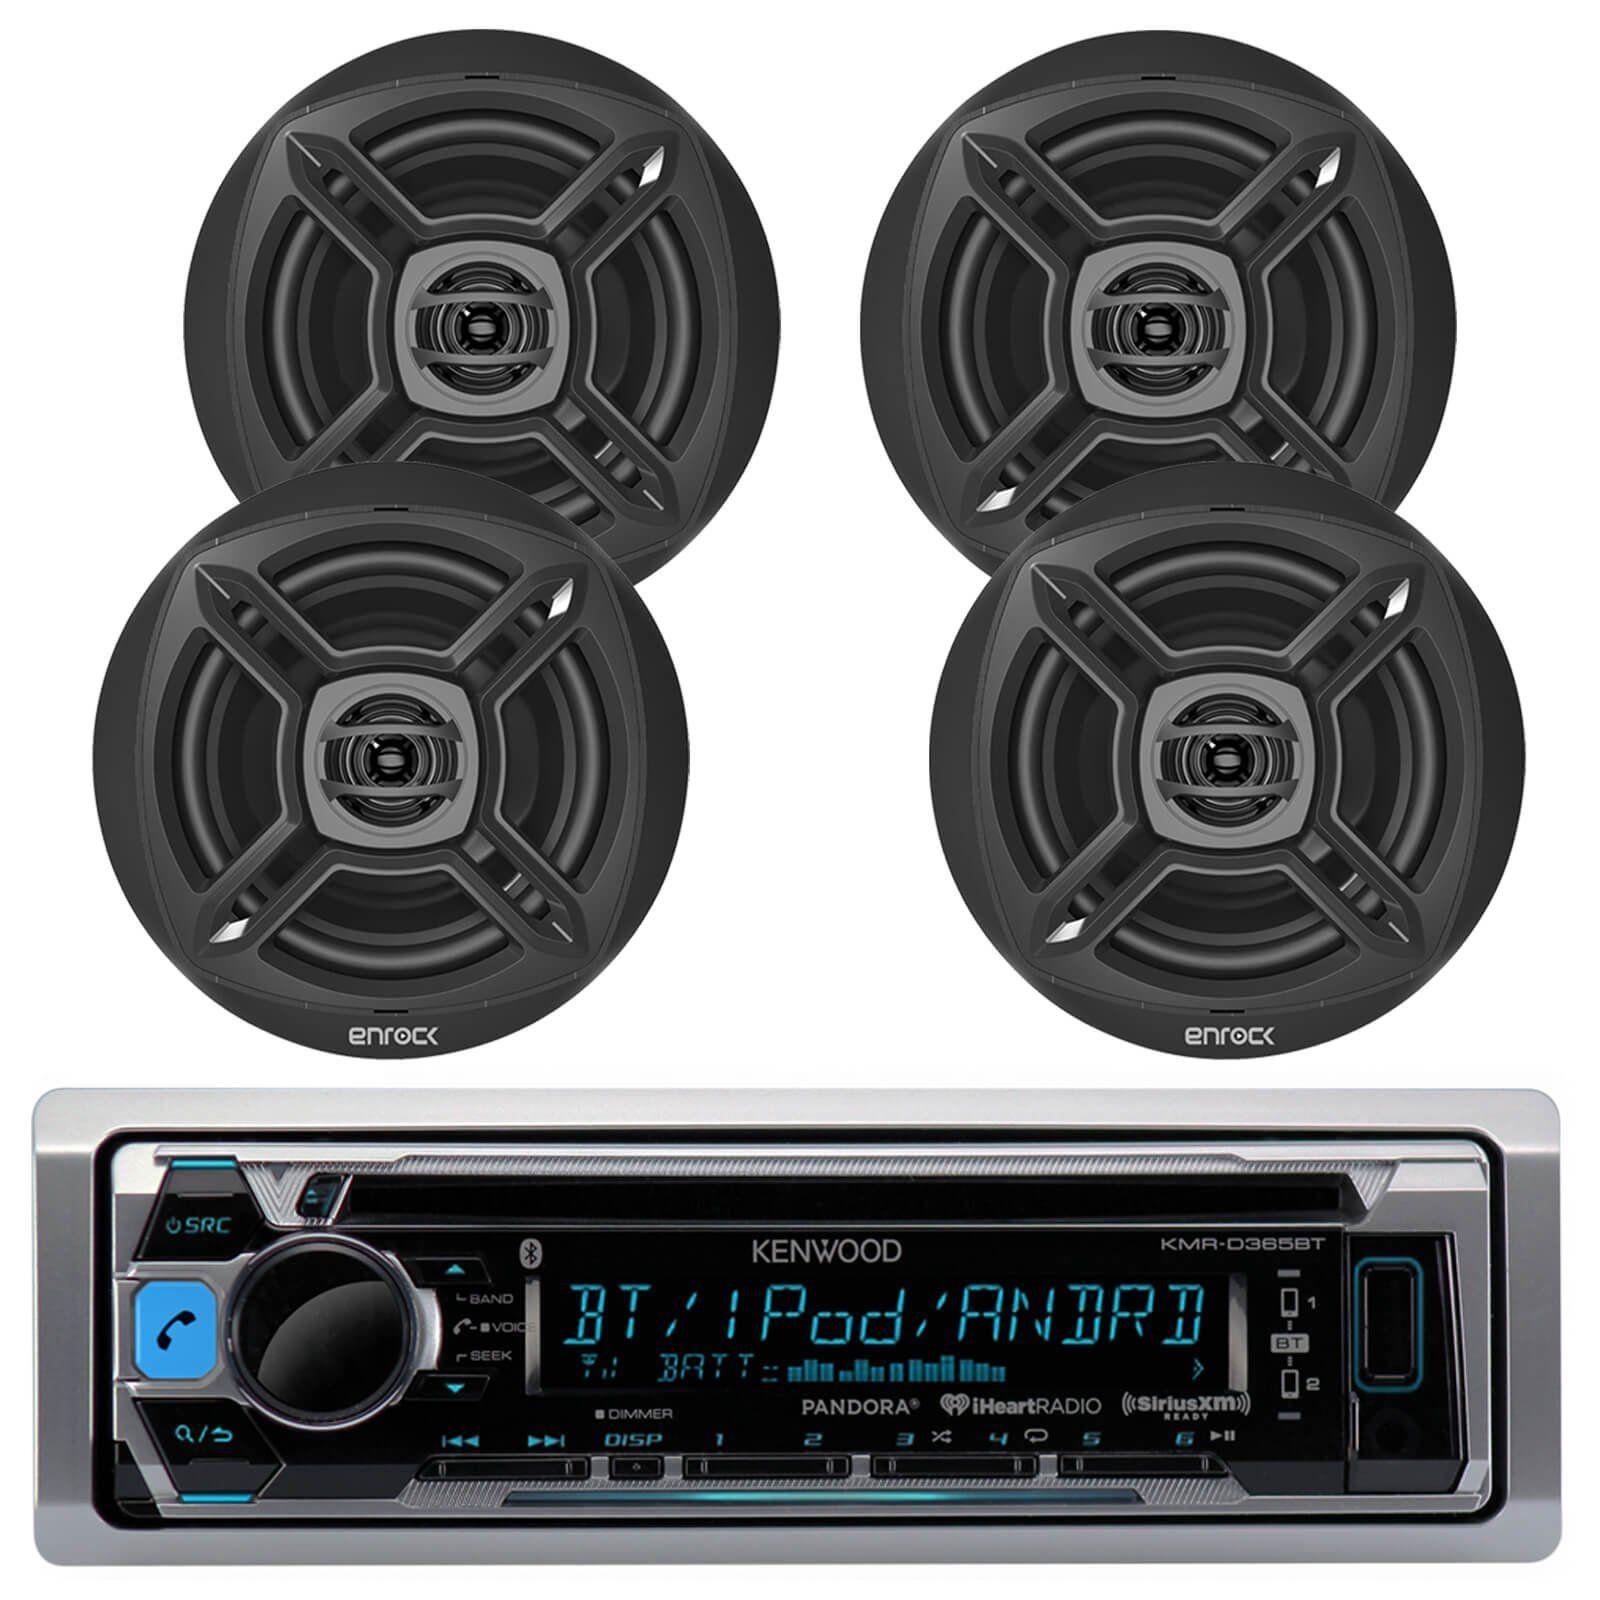 Kenwood KMR-D365BT Bluetooth Marine Radio - Black   Marine-Speakers